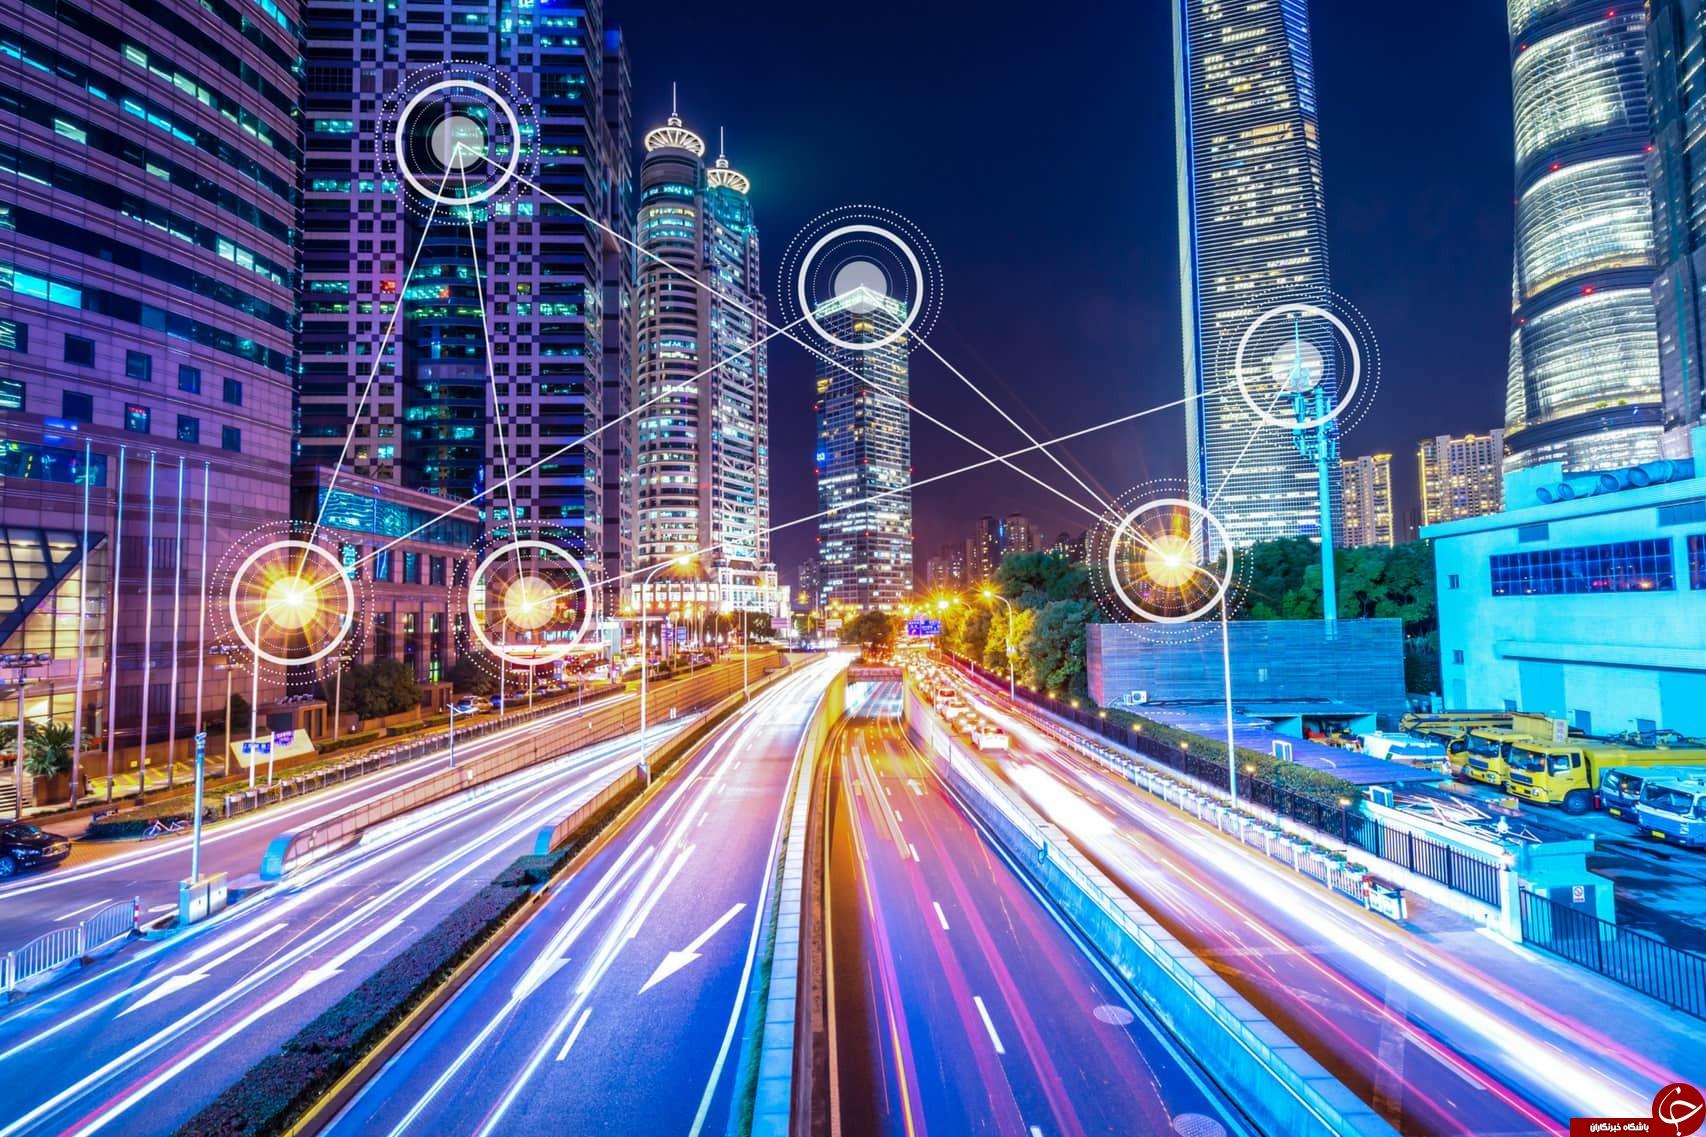 ۱۶ تکنولوژی جدید که آینده جهان را متحول میکنند